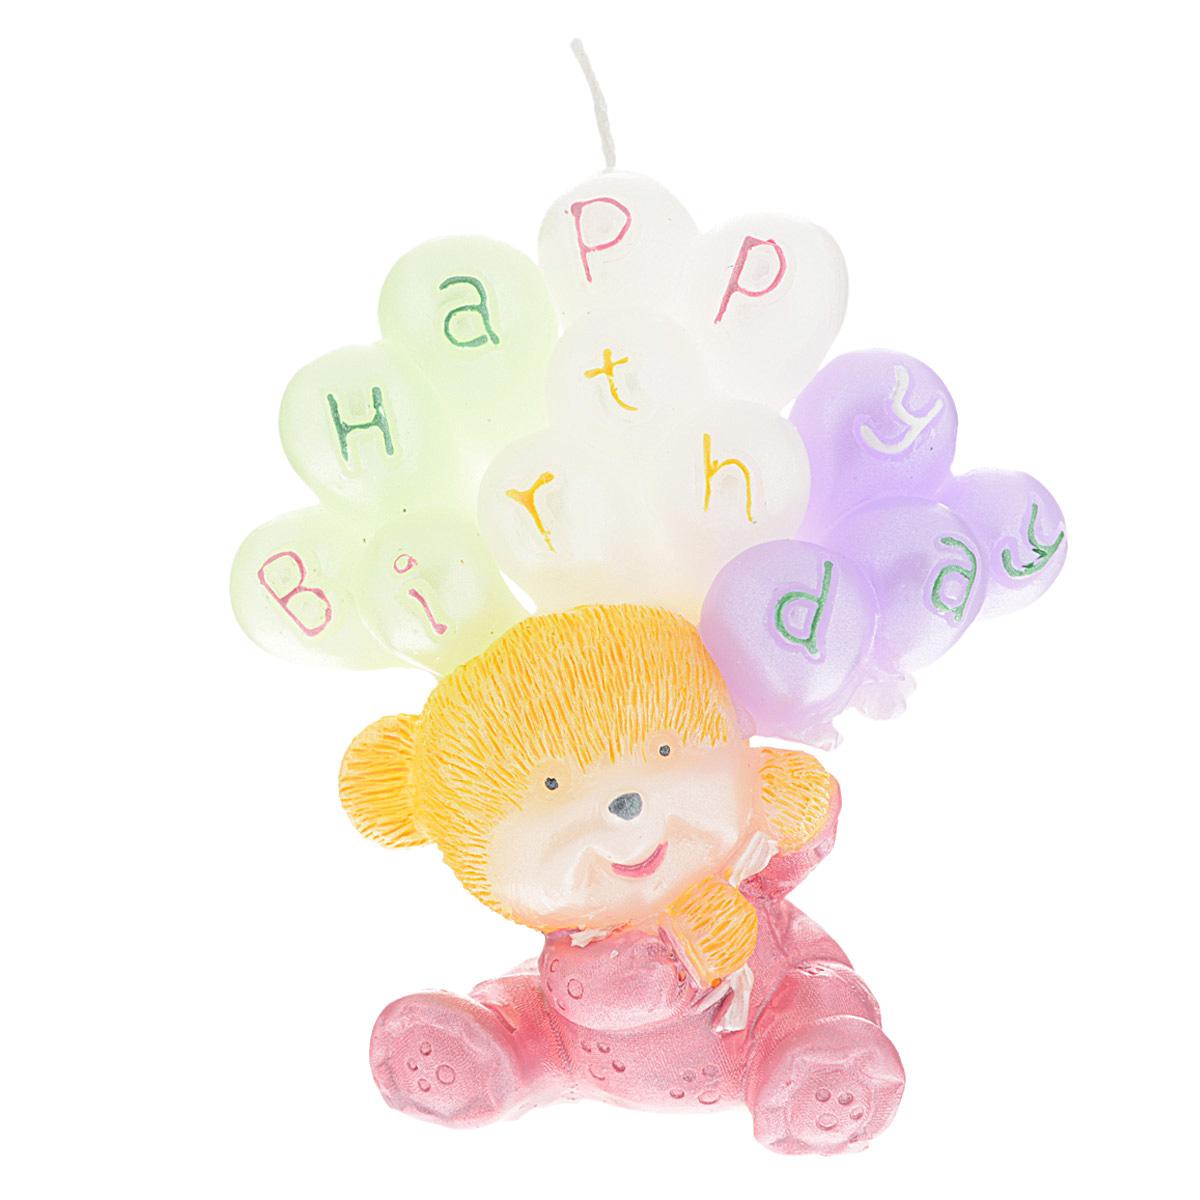 Свеча декоративная Win Max С днем рождения, цвет: розовый, 6 х 6 х 8 см25051 7_зеленыйДекоративная свеча Win Max С днем рождения изготовлена из парафина в форме мишки с шариками. Свеча упакована в прозрачную пластиковую коробку и украшена бантиком. Декоративная свеча Win Max С днем рождения может стать отличным подарком на день рождение. Размер свечи: 6 см х 6 см х 8 см.